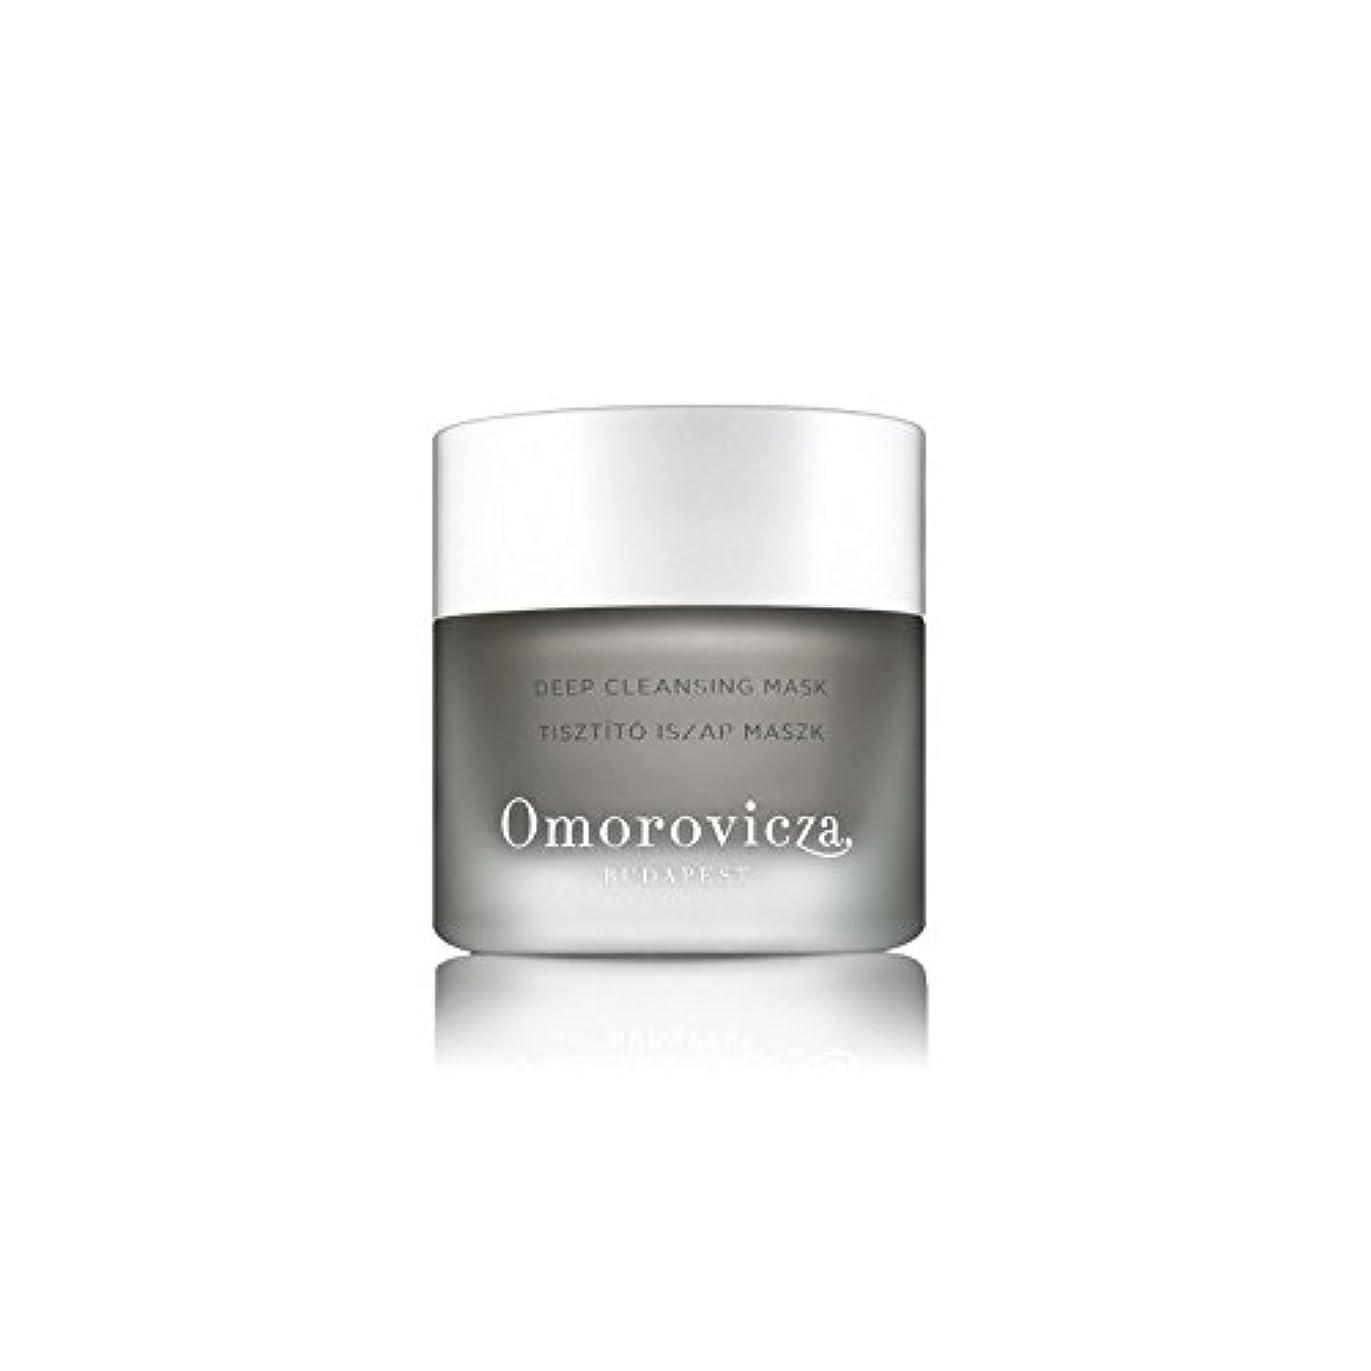 ベルト水を飲む不幸Omorovicza Deep Cleansing Mask (50ml) (Pack of 6) - ディープクレンジングマスク(50ミリリットル) x6 [並行輸入品]